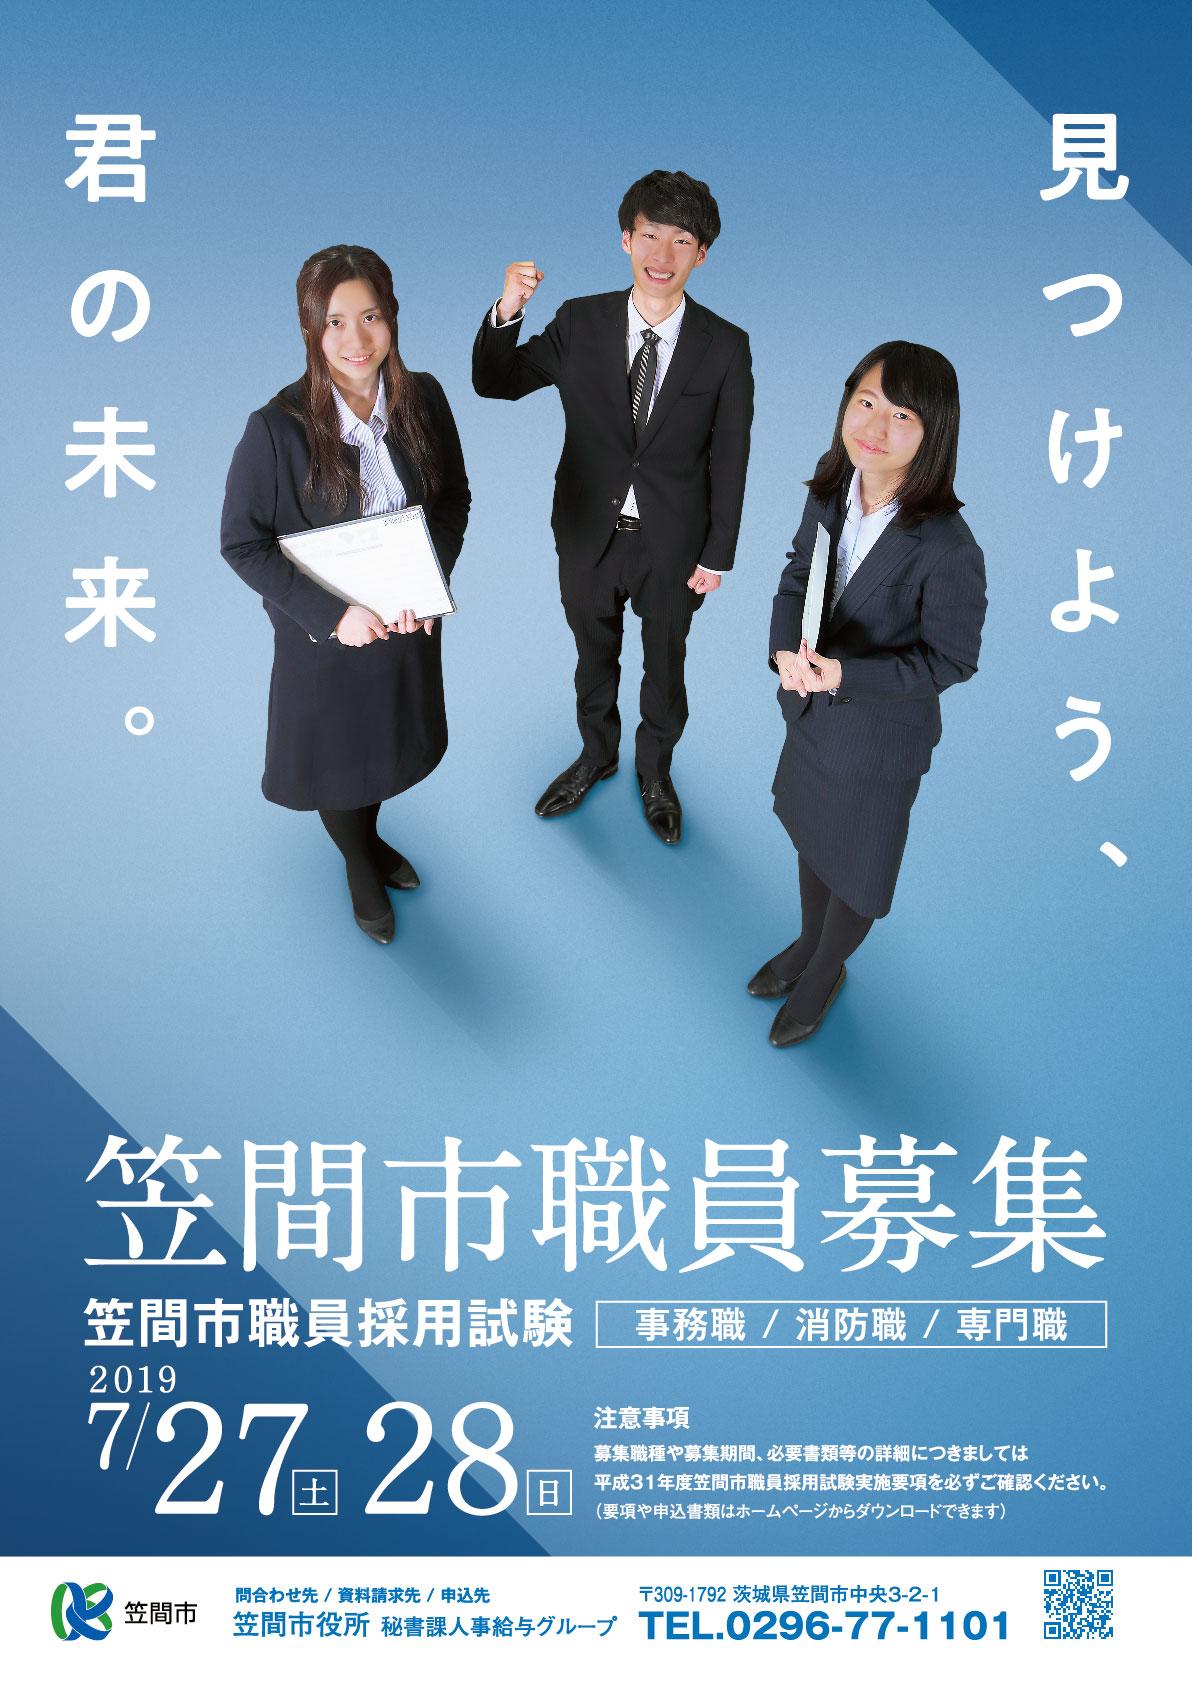 『採用試験』の画像